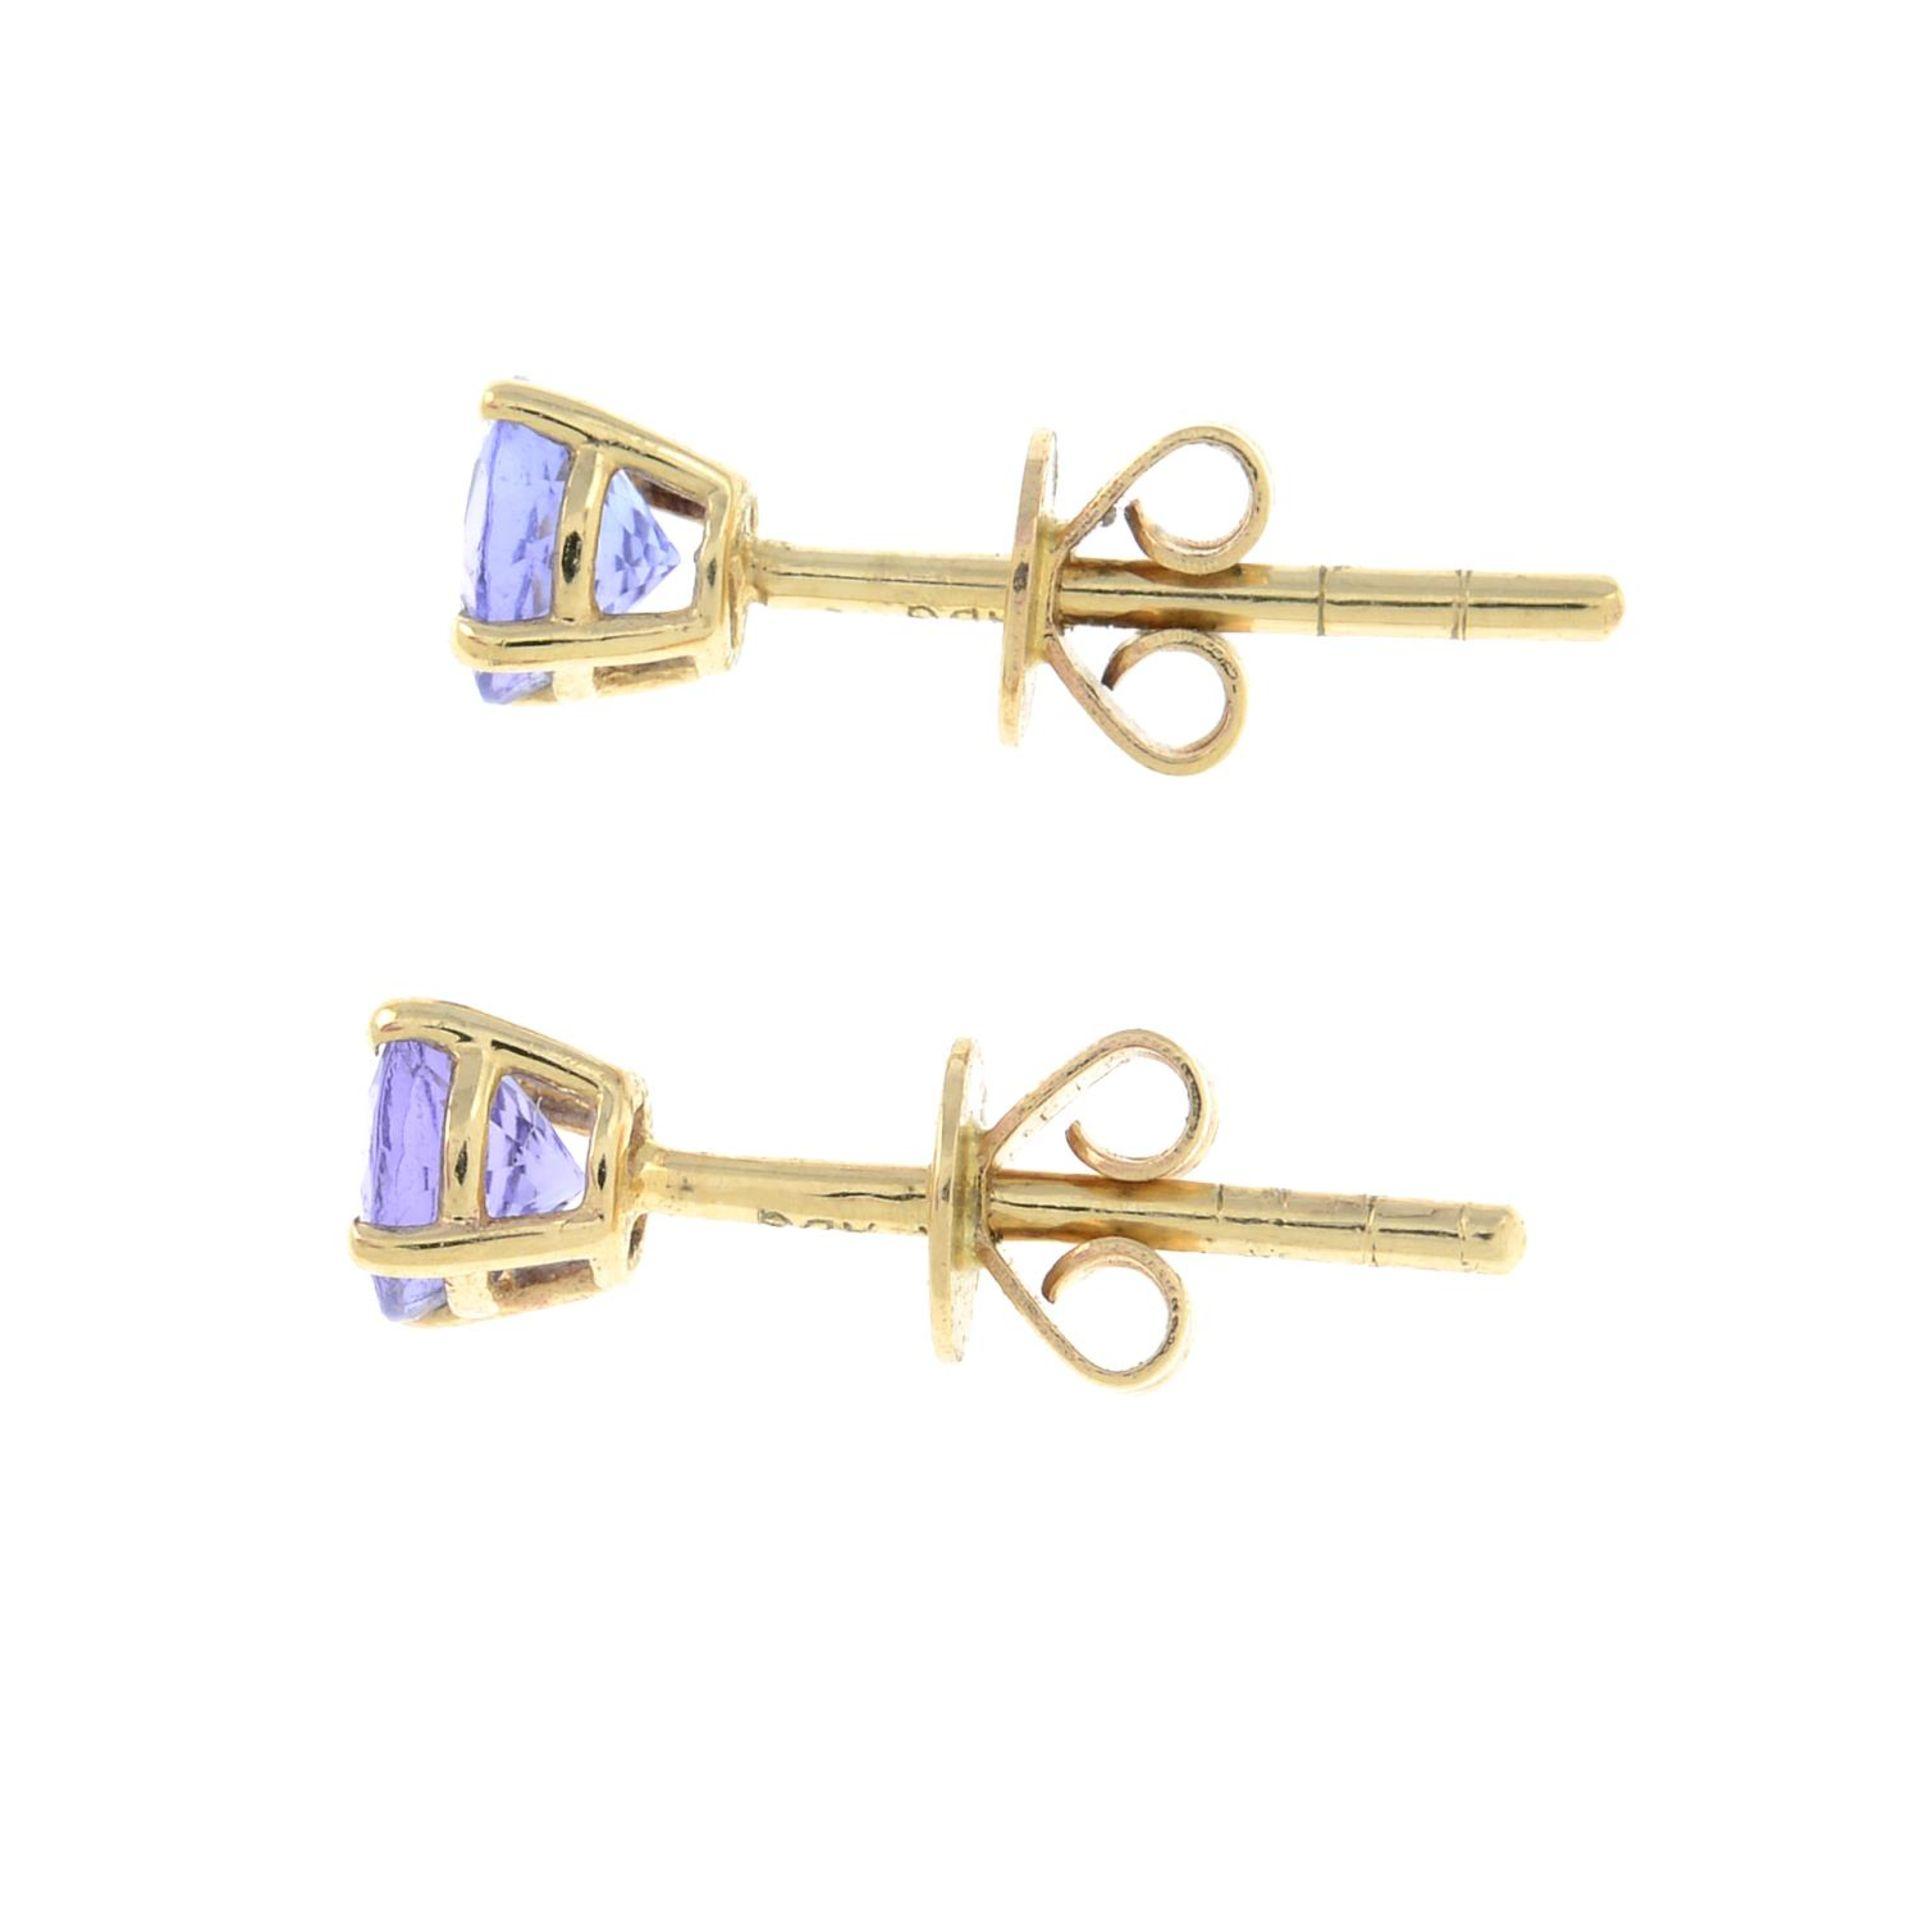 A pair of tanzanite stud earrings.Stamped 14K.Diameter 0.4cm. - Bild 2 aus 2